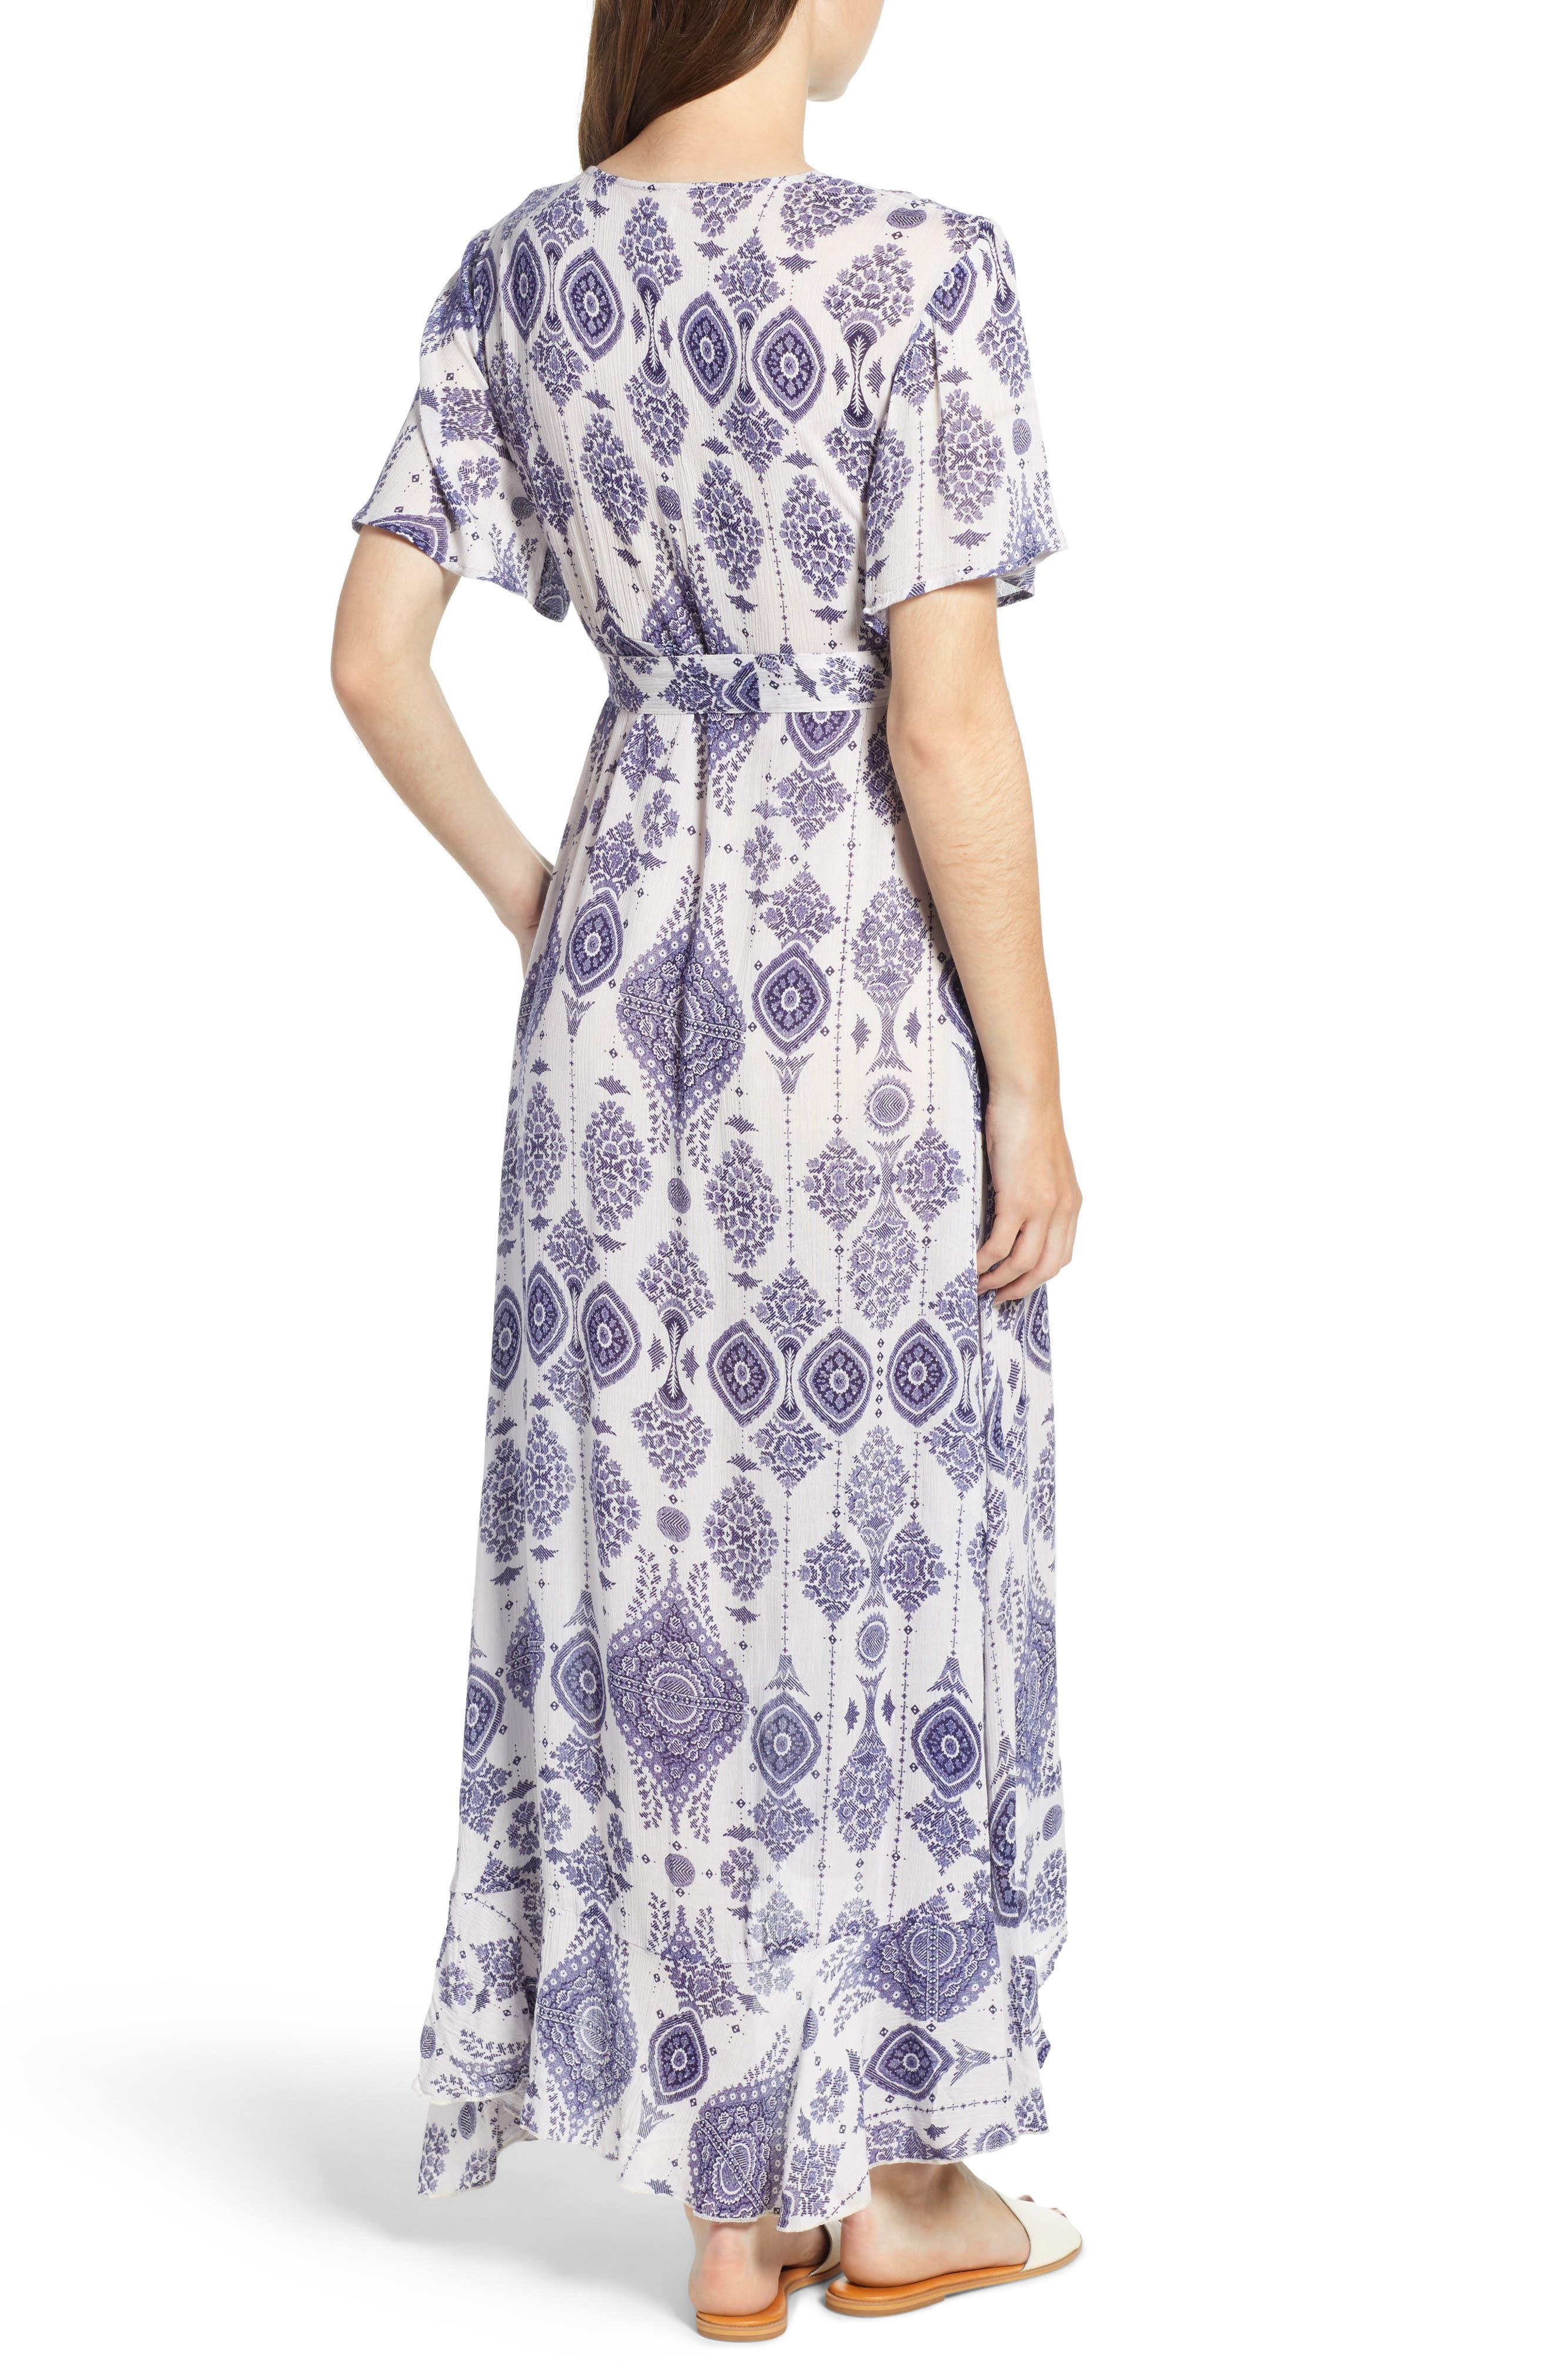 Andrea Maxi Dress,                             Alternate thumbnail 2, color,                             Blue/ White